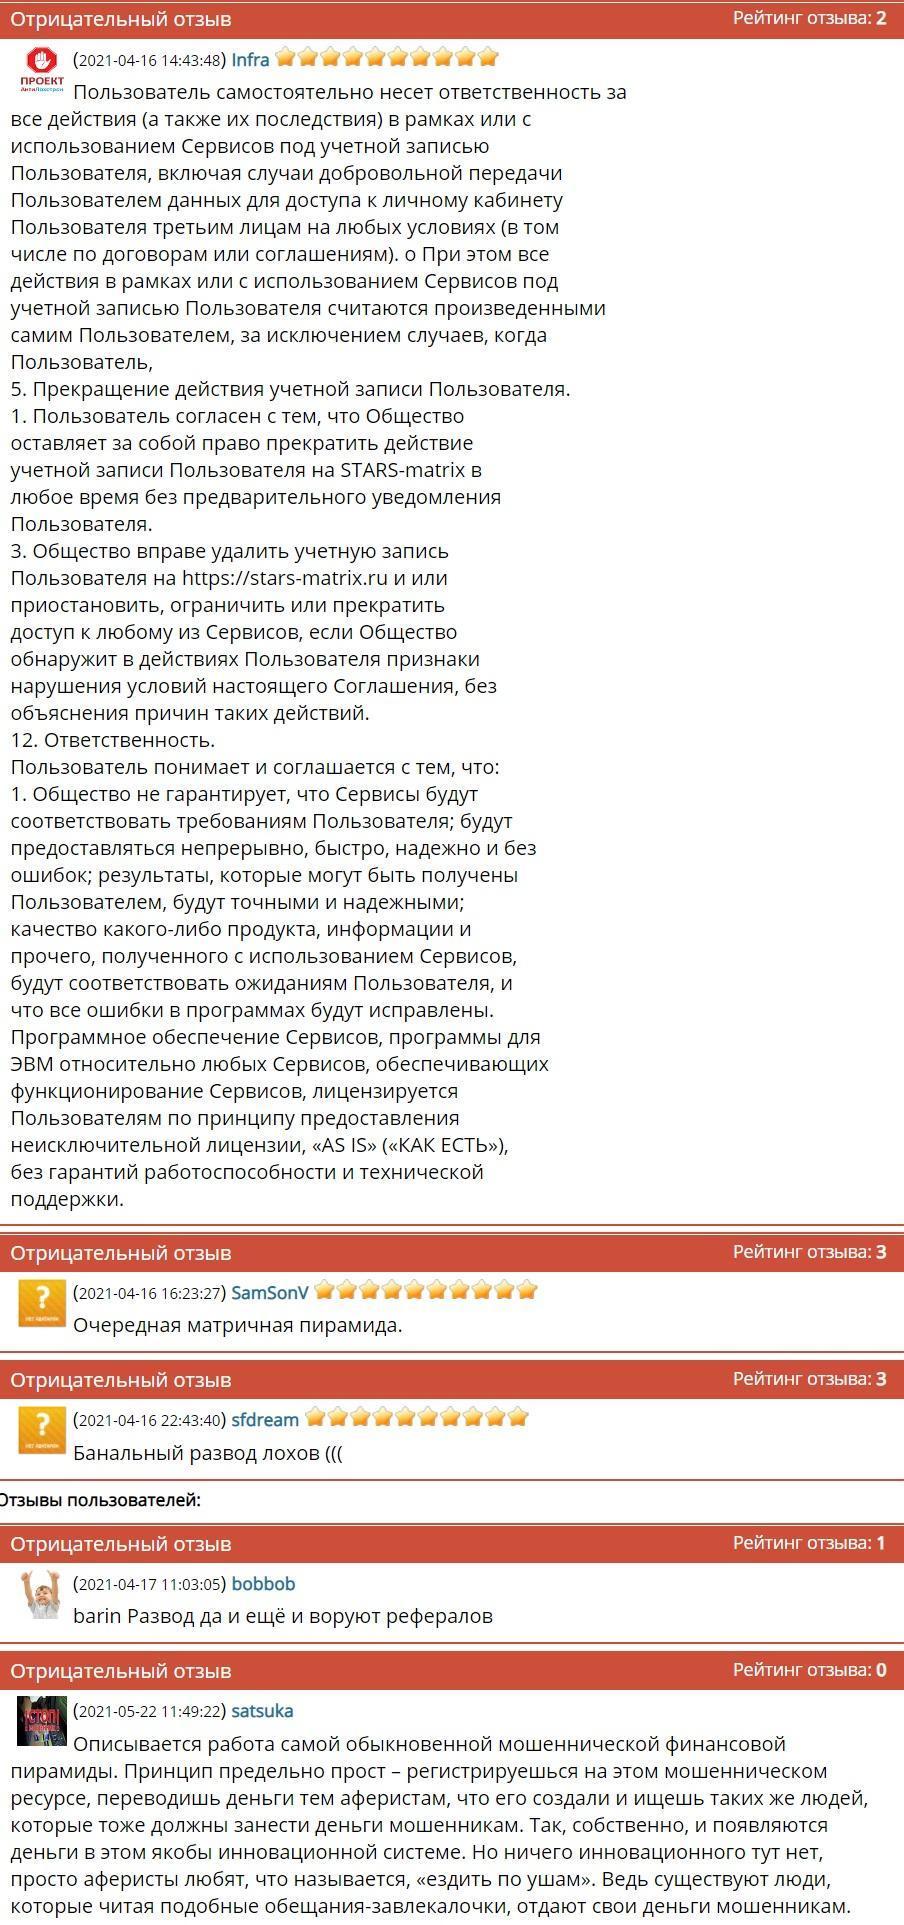 STARS (stars-matrix.ru) отзывы о новой матричной пирамидке